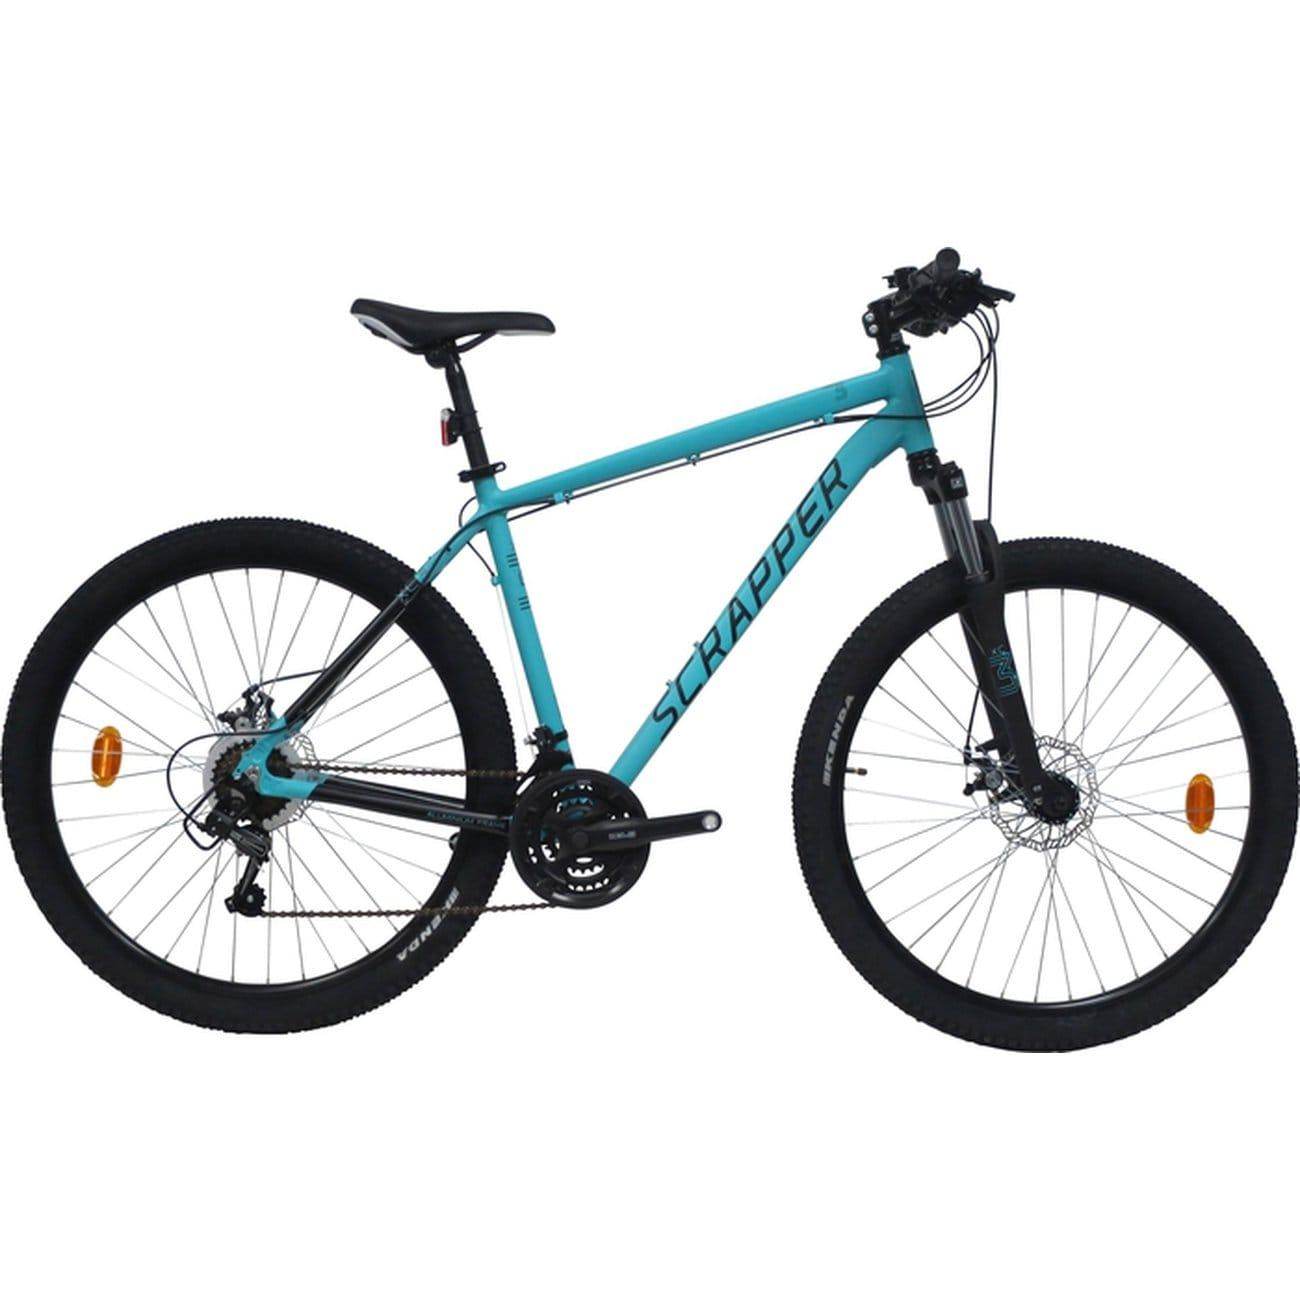 Vélo VTT Scrapper XC 3.9 LTD pour Homme - Bleu, Tailles S à XL